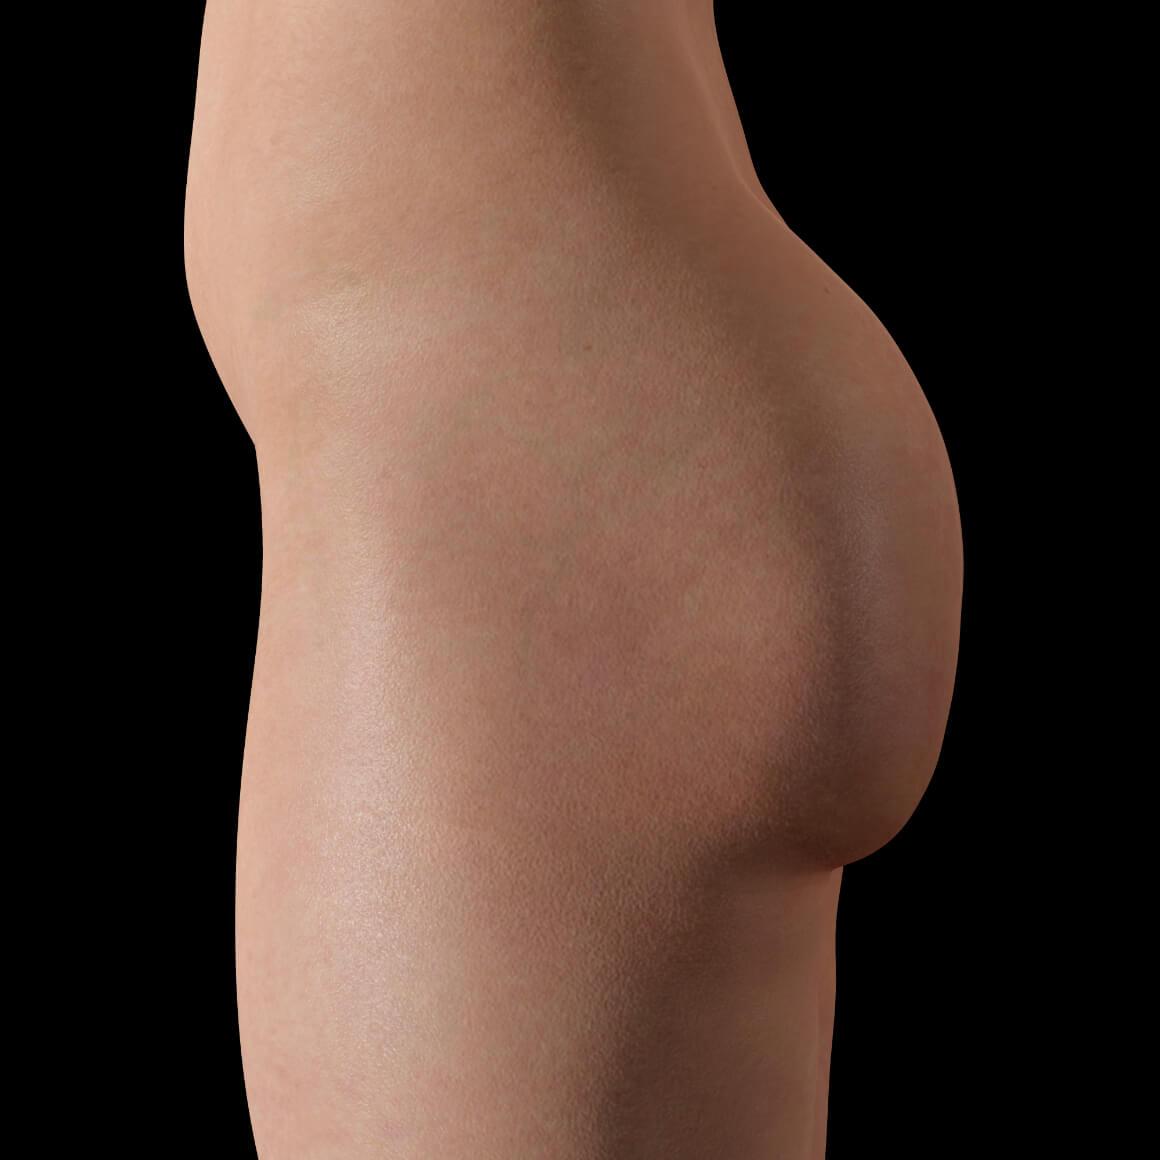 Fesses d'une patiente de la Clinique Chloé vue de côté après des traitements Venus Legacy contre la cellulite